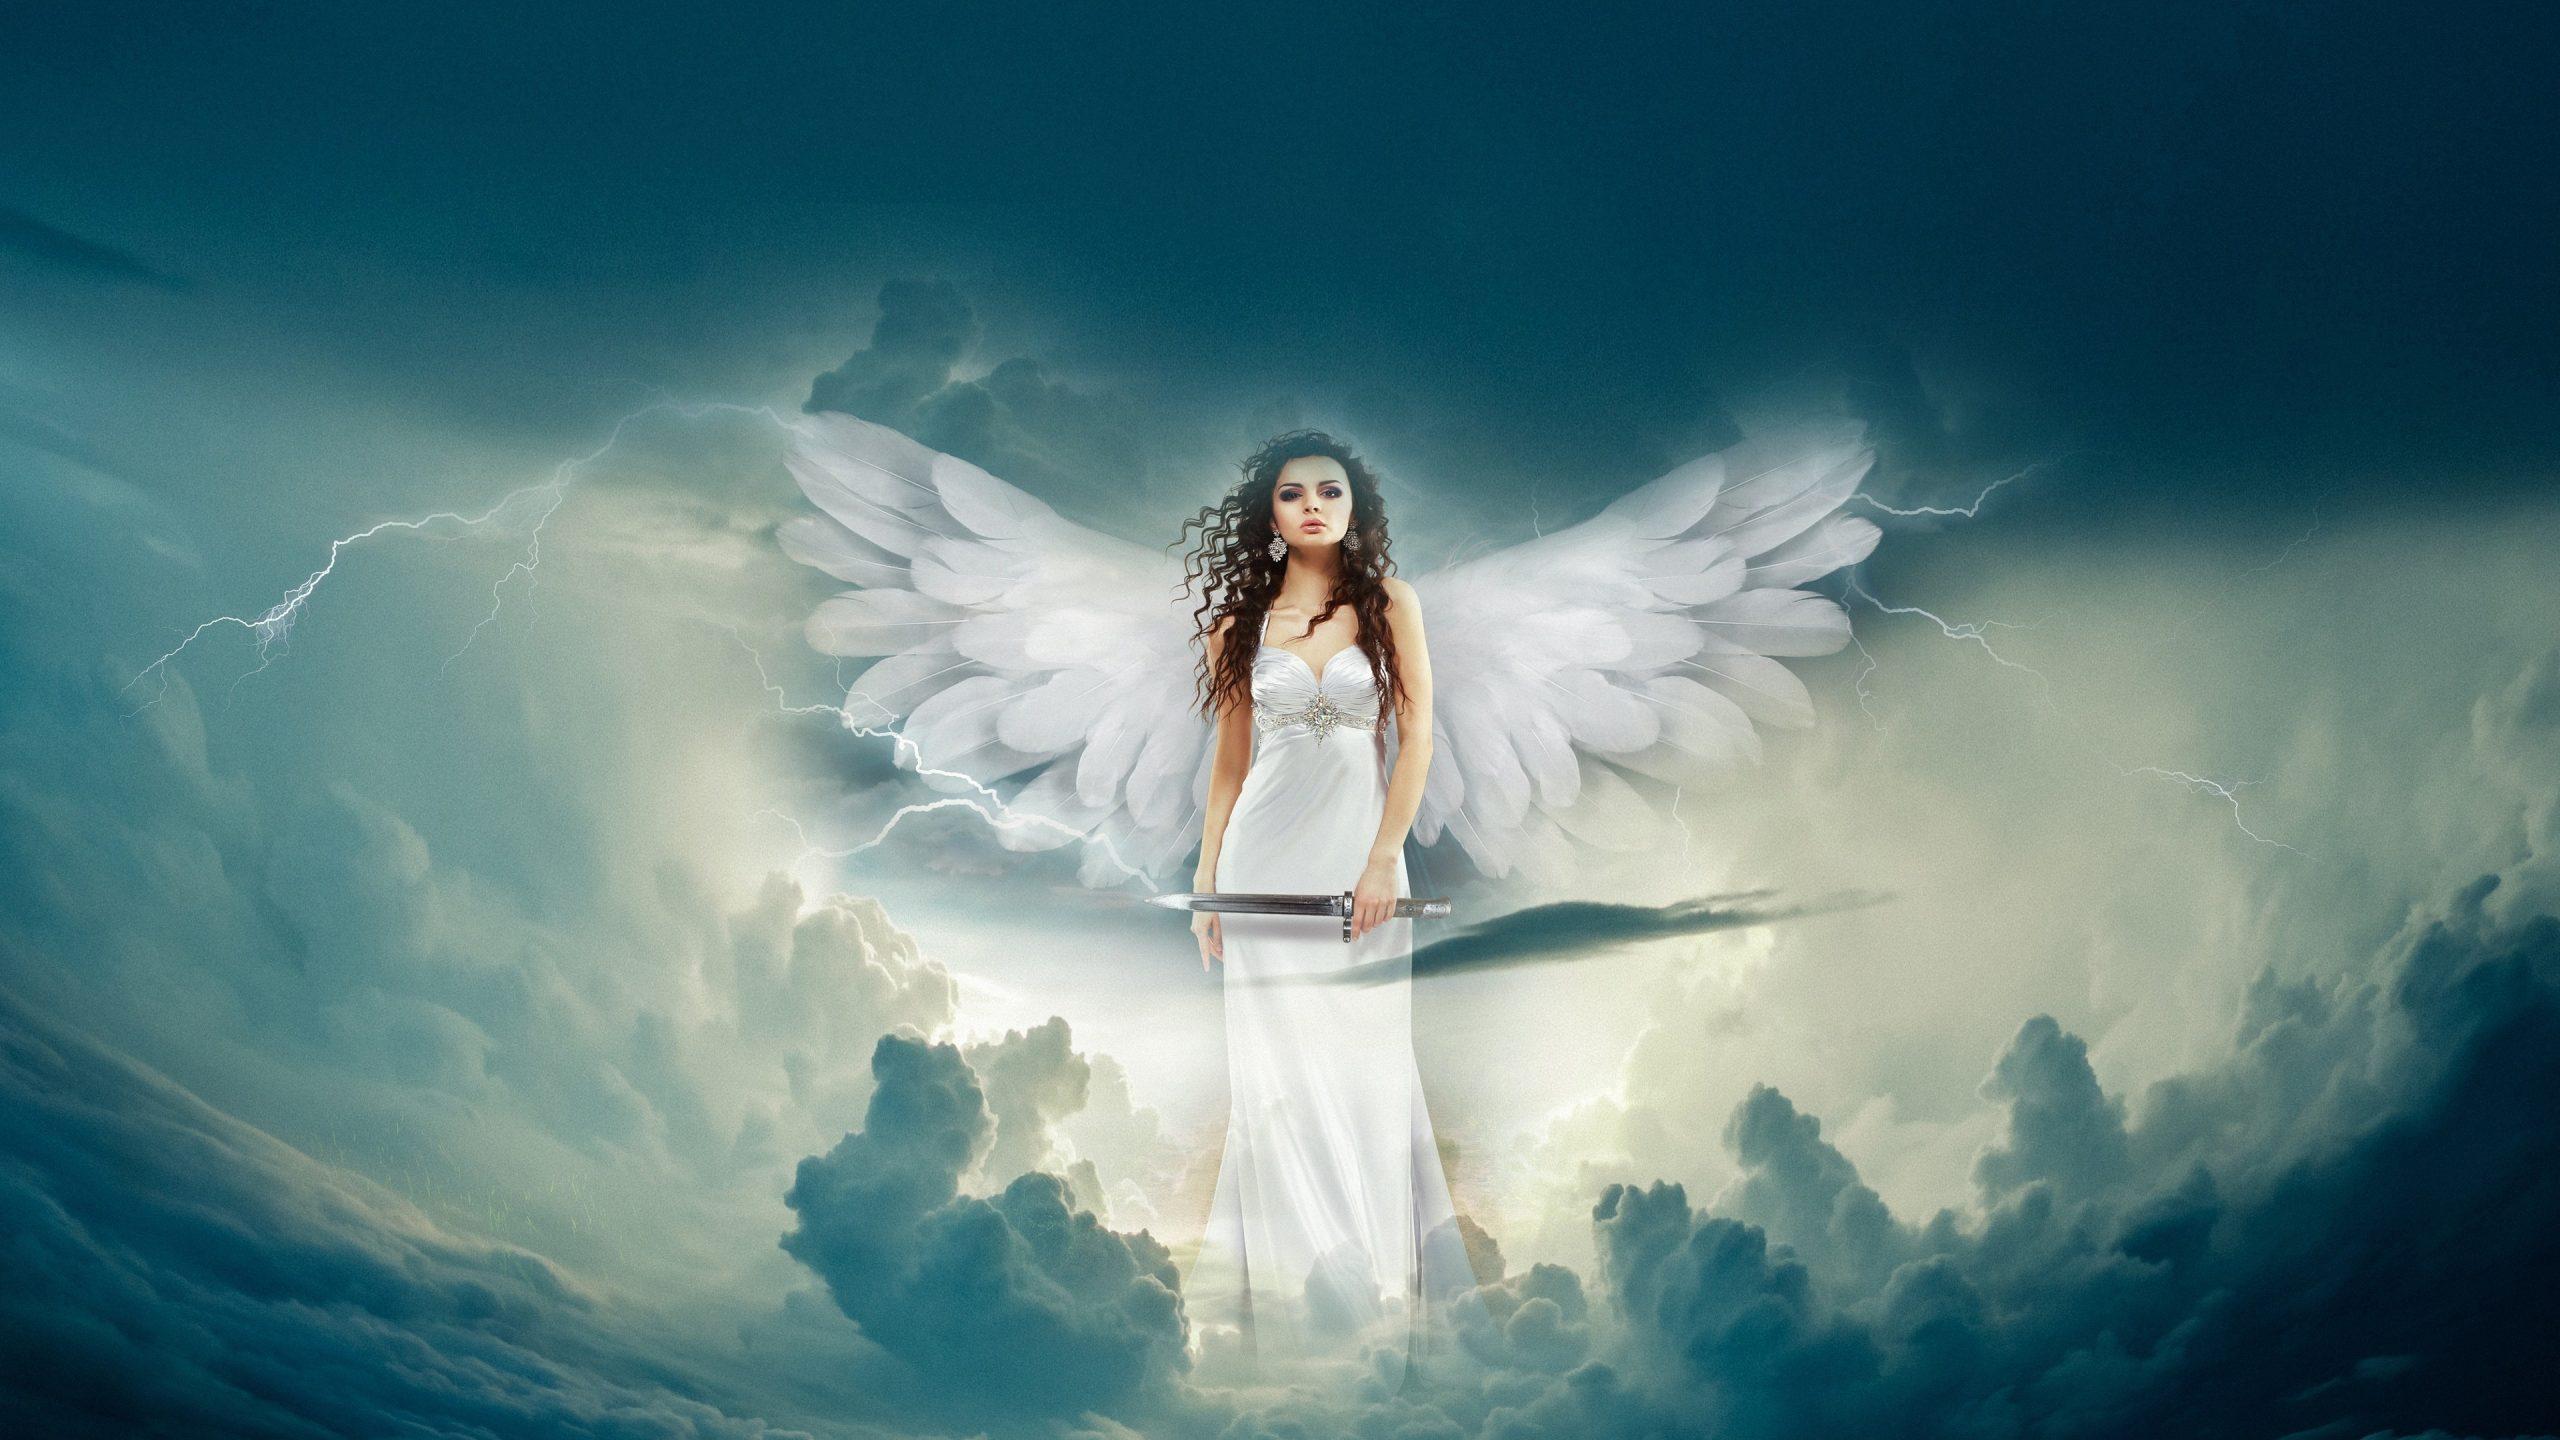 Bilder Von Engeln ganzes Engel Bilder Kostenlos Herunterladen